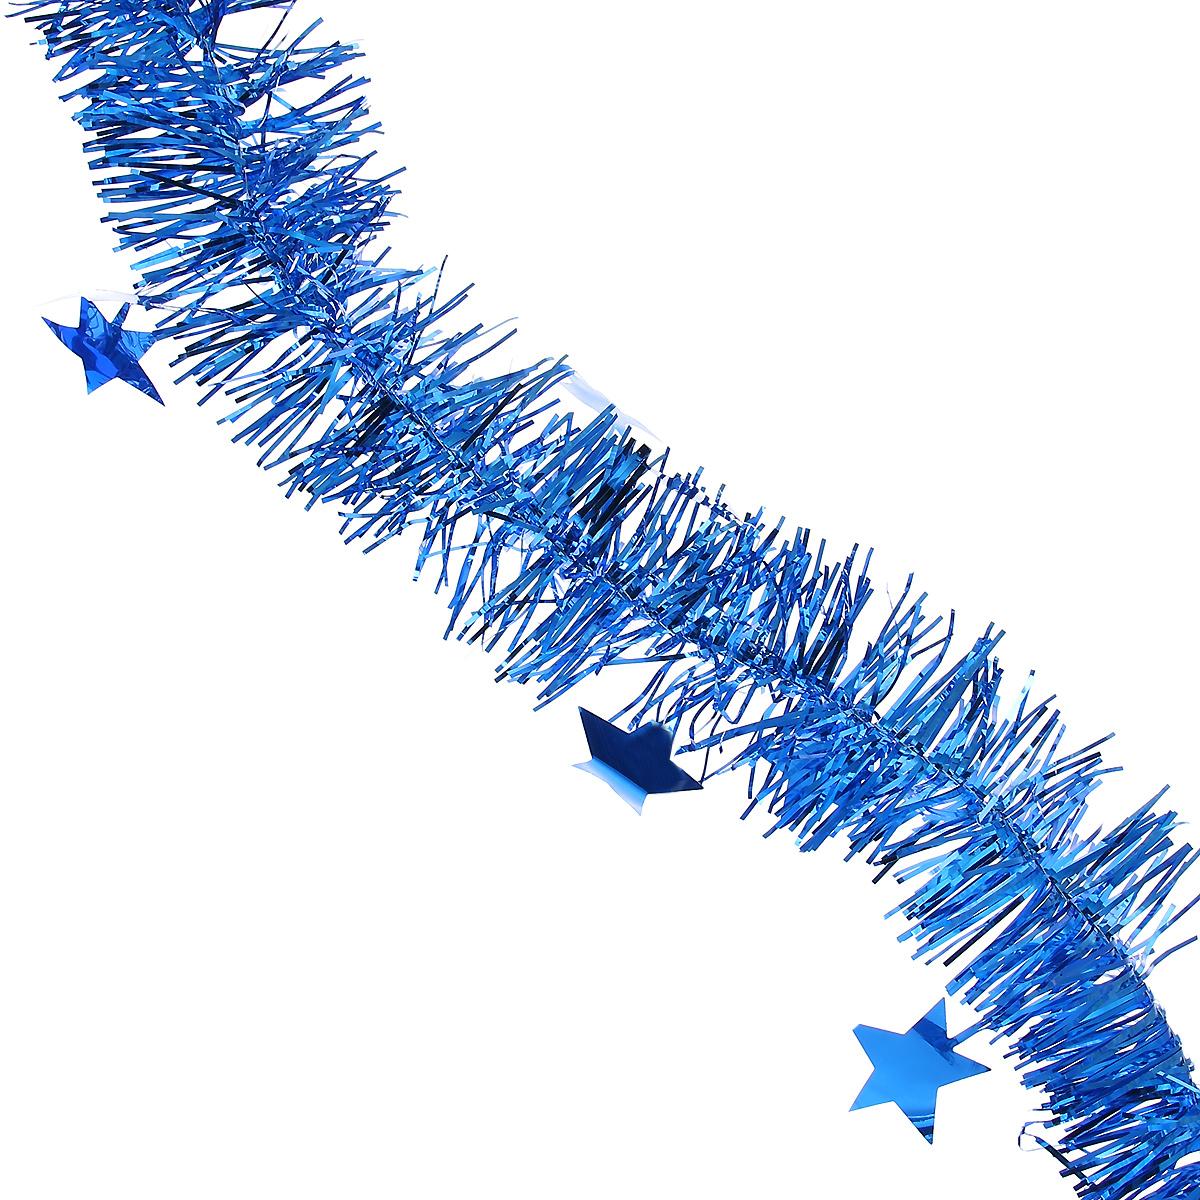 Мишура новогодняя Magic Time, со звездами, диаметр 6 см, длина 200 см, цвет: синий. 3490134901Новогодняя мишура Magic Time, выполненная из ПЭТ (Полиэтилентерефталат), поможет вам украсить свой дом к предстоящим праздникам. Изделие выполнено в виде скрученной косички. Новогодняя елка с таким украшением станет еще наряднее. Мишура армирована, то есть имеет проволоку внутри и способна сохранять форму. Новогодней мишурой можно украсить все, что угодно - елку, квартиру, дачу, офис - как внутри, так и снаружи. Можно сложить новогодние поздравления, буквы и цифры, мишурой можно украсить и дополнить гирлянды, можно выделить дверные колонны, оплести дверные проемы. Коллекция декоративных украшений из серии Magic Time принесет в ваш дом ни с чем несравнимое ощущение волшебства! Создайте в своем доме атмосферу тепла, веселья и радости, украшая его всей семьей.